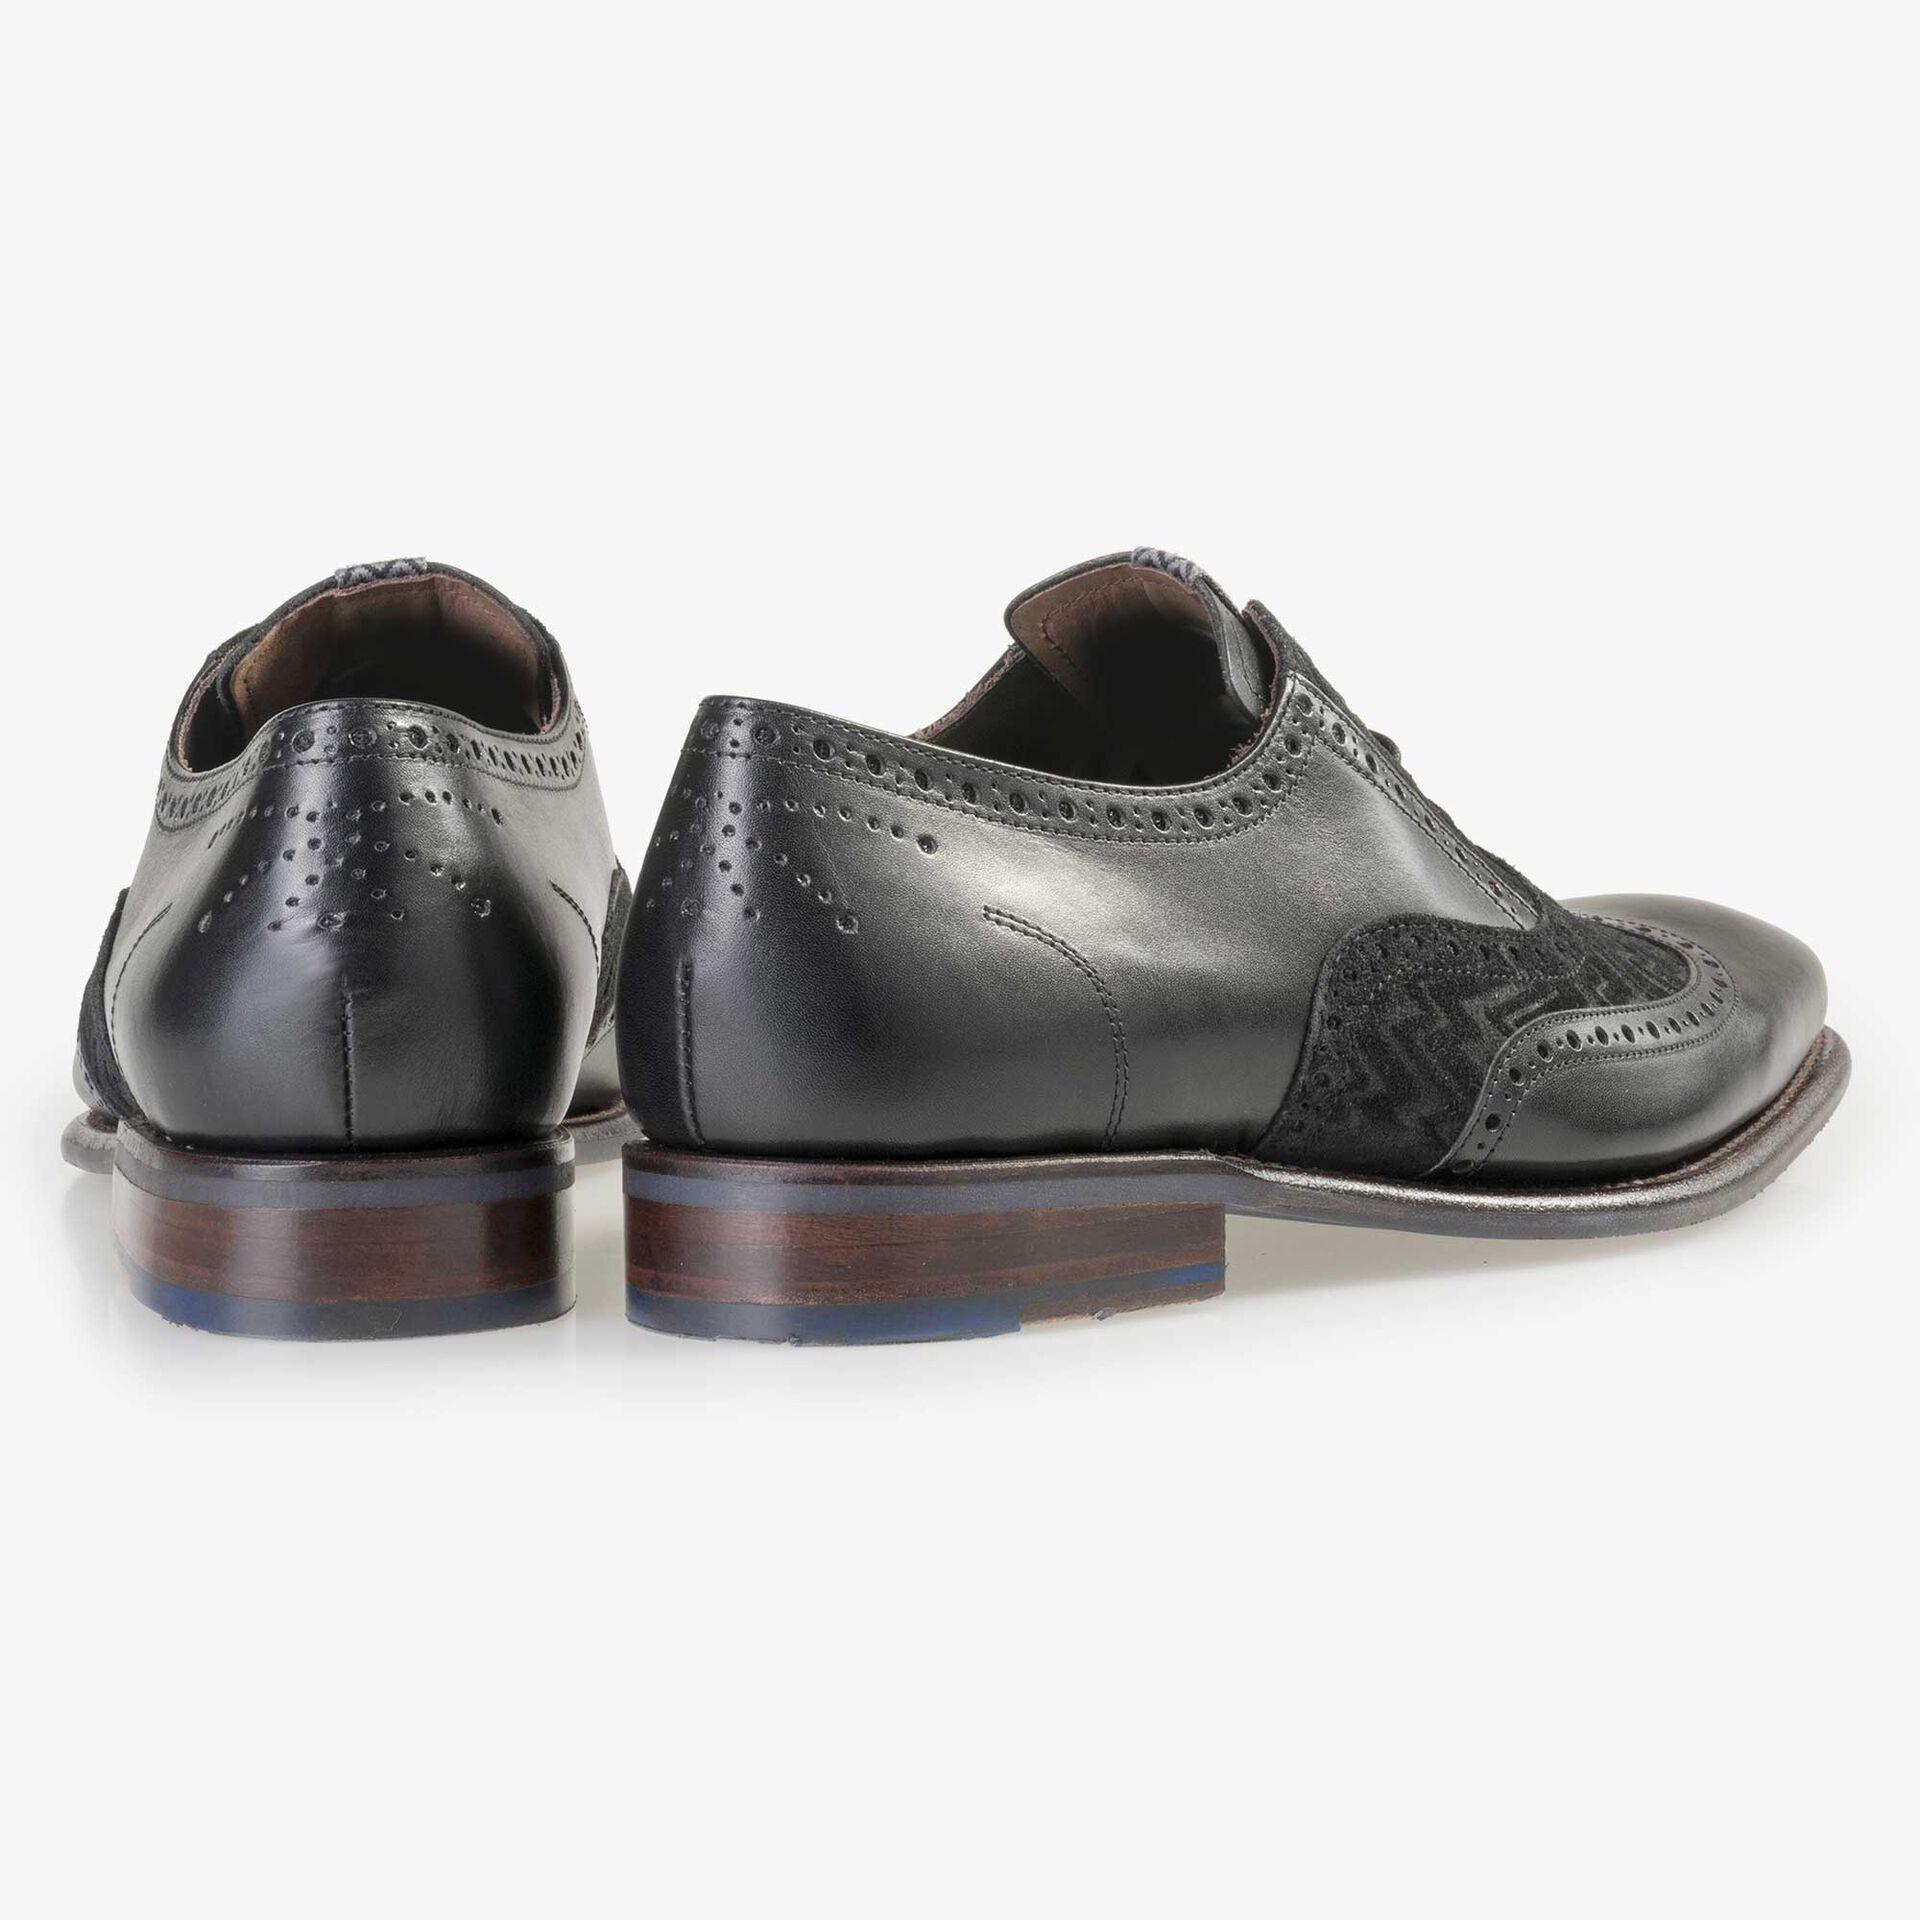 Floris van Bommel men's black leather lace shoe